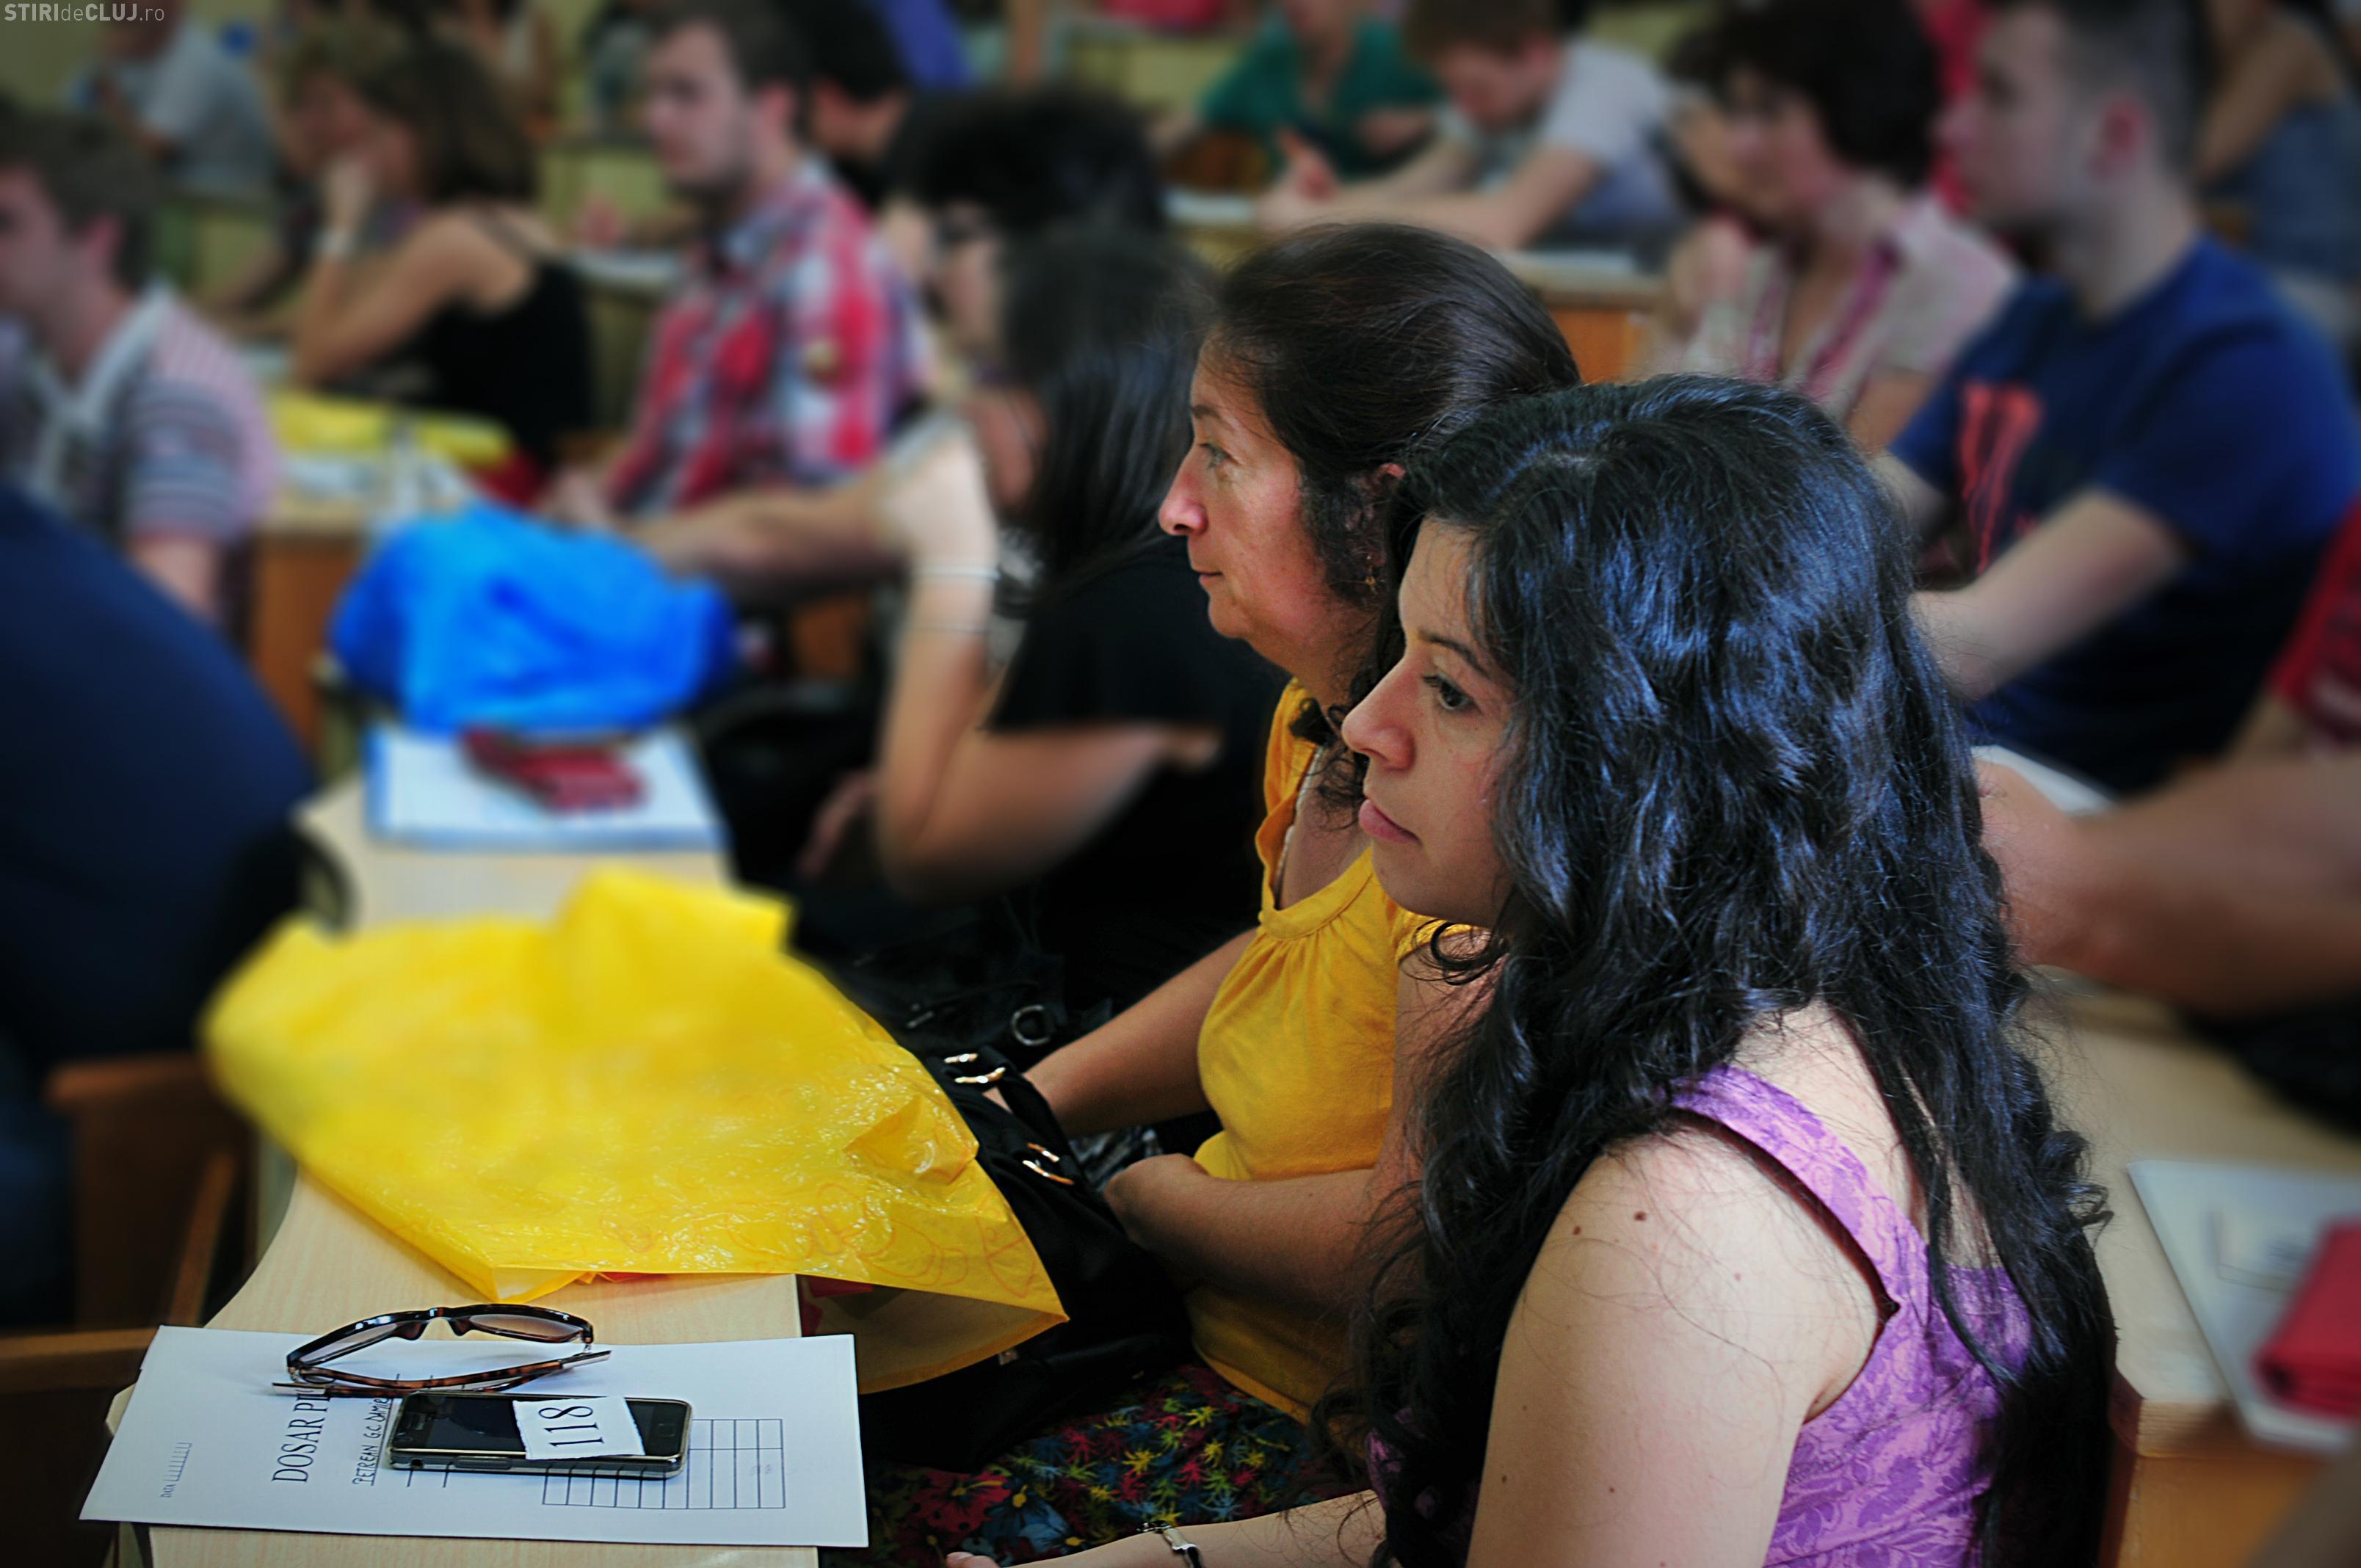 ADMITERE UBB CLUJ: Peste 16.000 de candidaţi s-au înscris la admitere